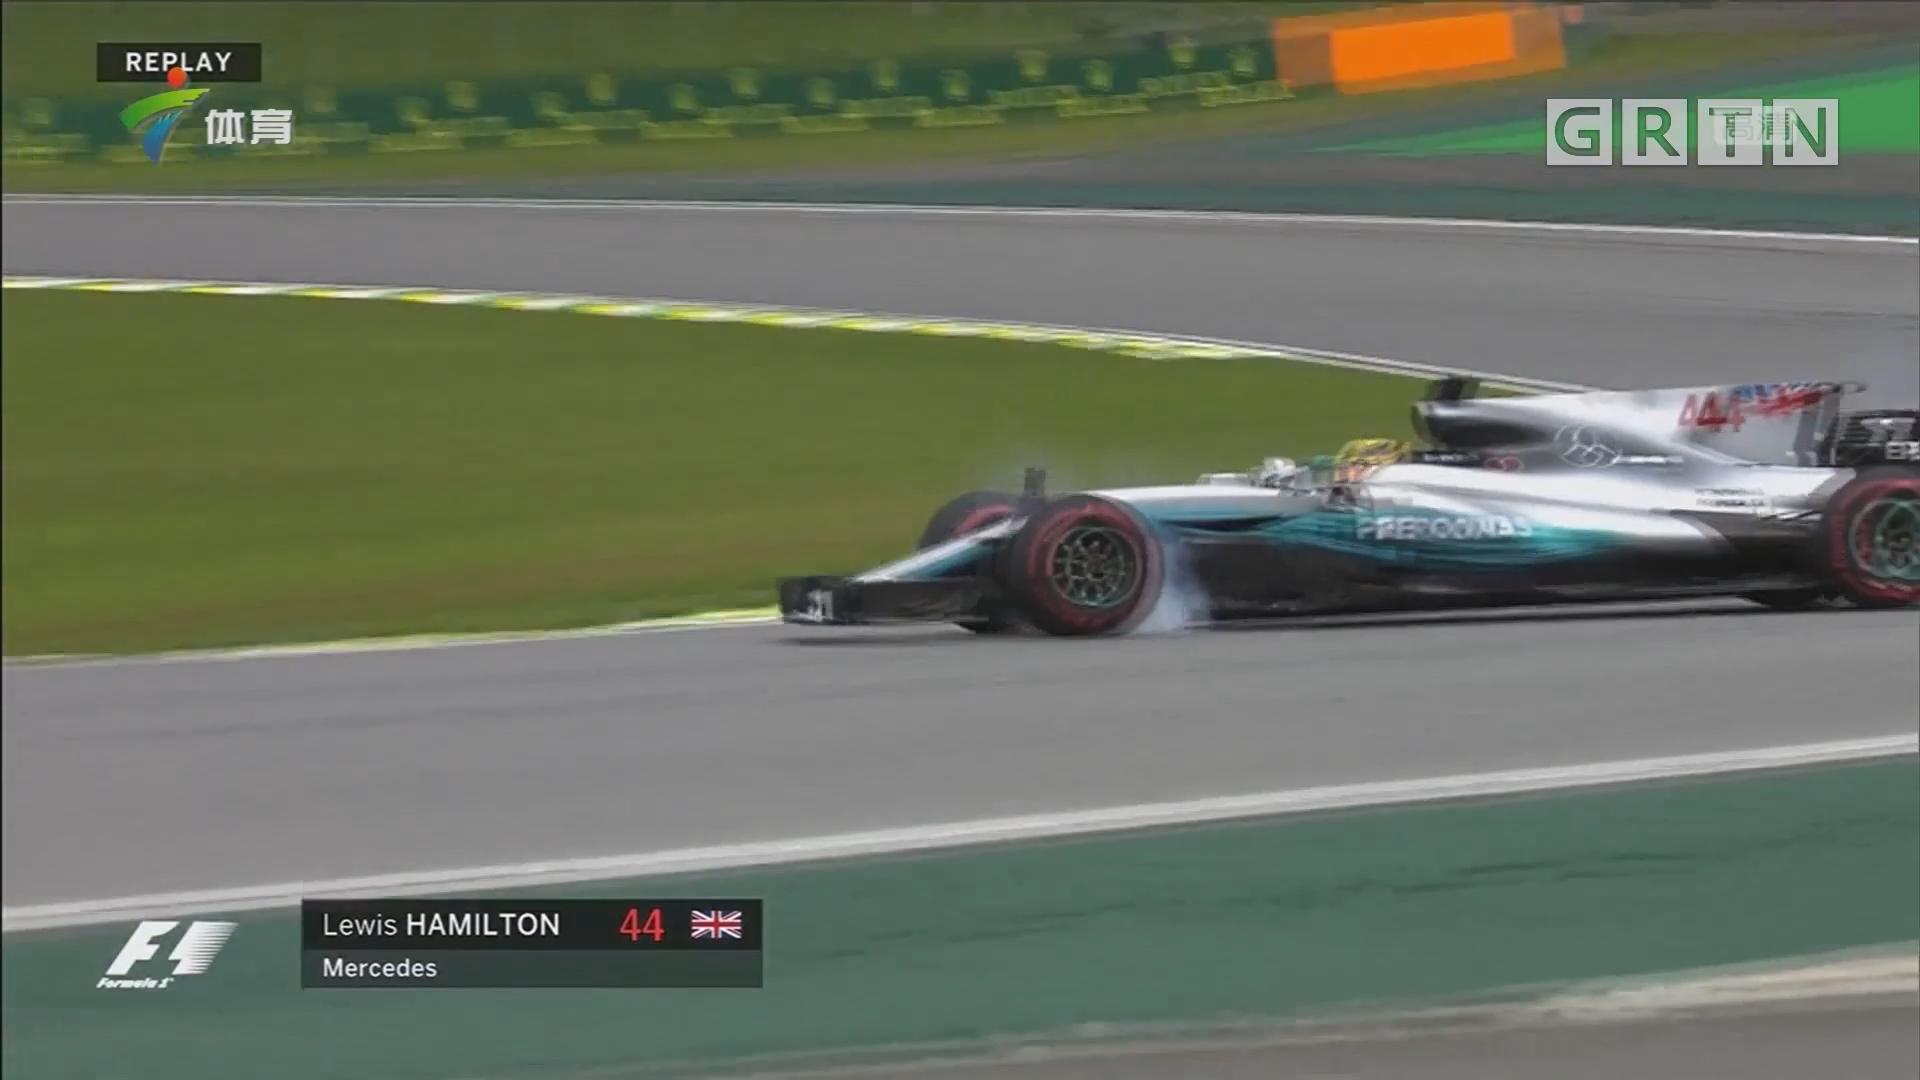 F1巴西站排位赛 博塔斯获杆位 汉密尔顿撞墙退赛